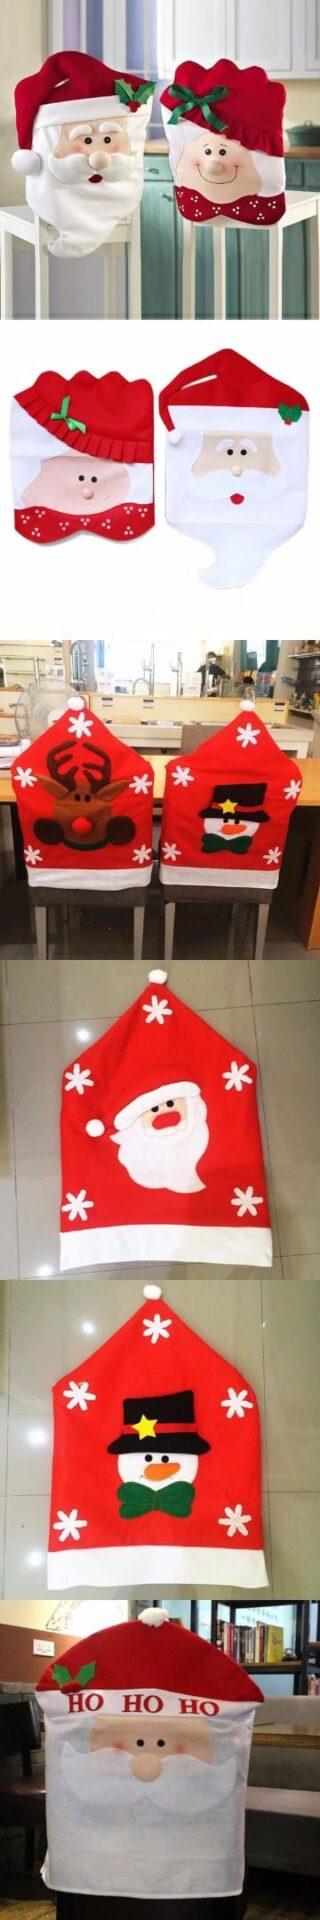 fundas de sillas navideñas paso a paso